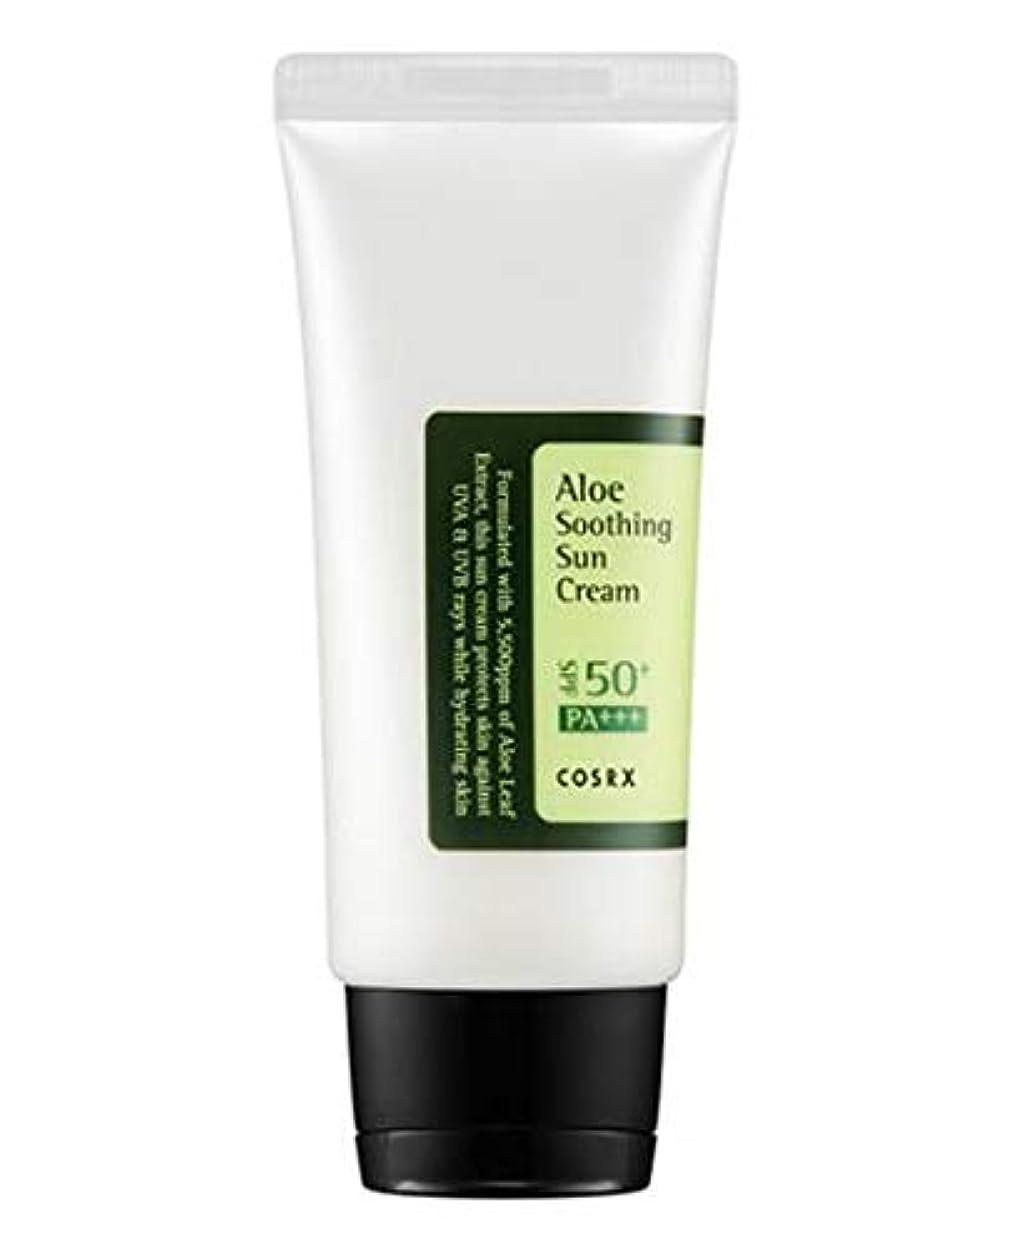 本質的に逃す大邸宅COSRX Aloe Soothing Sun Cream (並行輸入品)